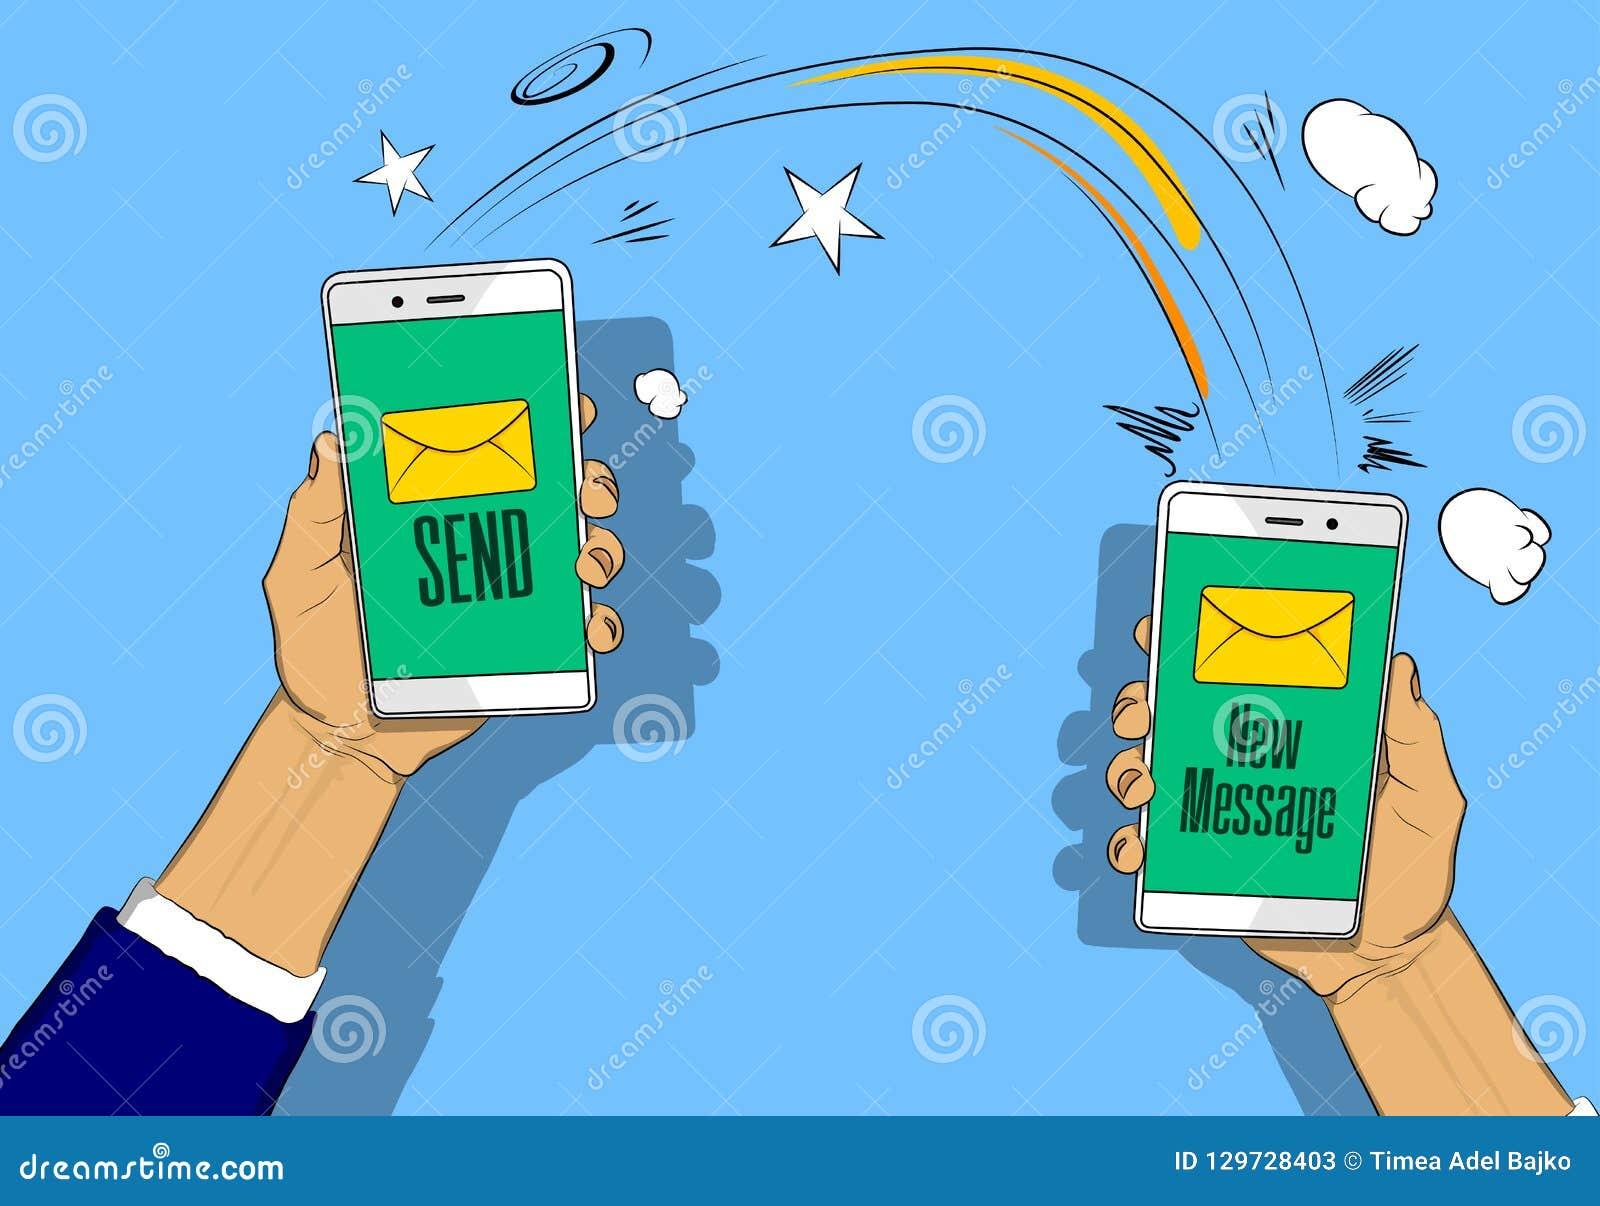 Las manos que sostienen los teléfonos con la letra, envían y nuevo botón del mensaje en la pantalla